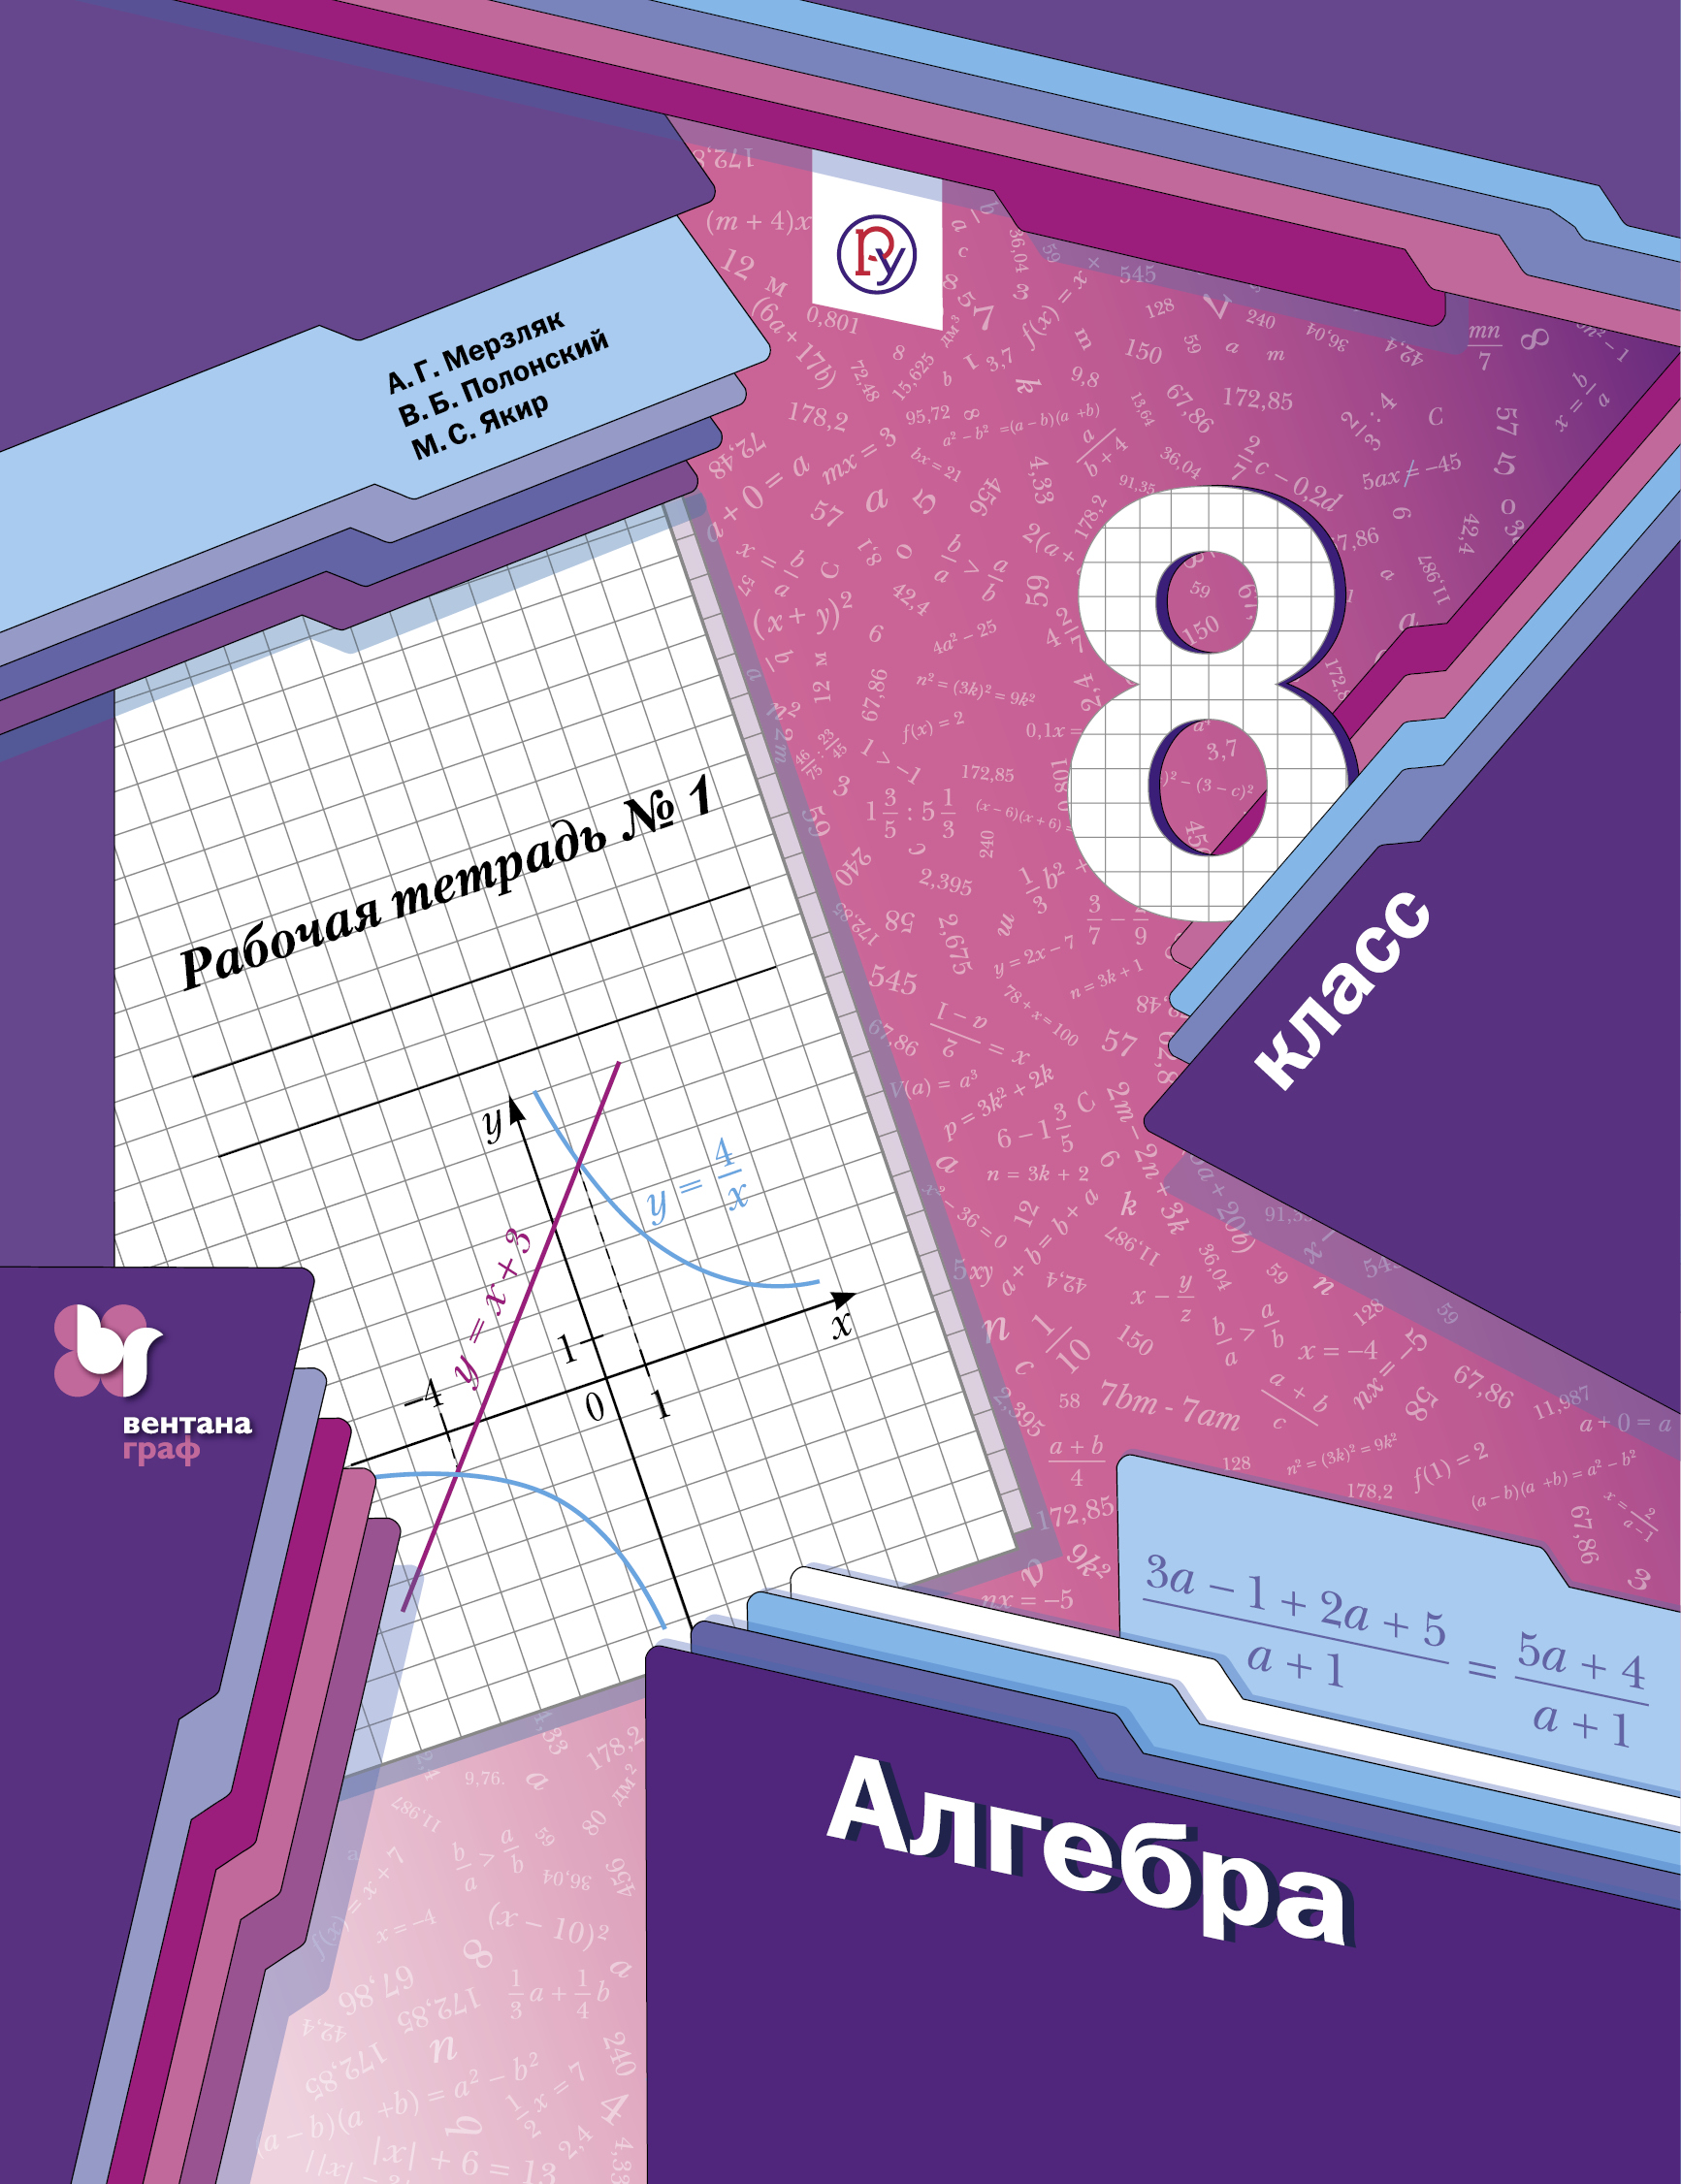 А. Г. Мерзляк,В. Б. Полонский,М. С. Якир Алгебра. 8 класс. Рабочая тетрадь. 1 часть а г мерзляк в б полонский м с якир алгебра 7 класс рабочая тетрадь в 2 частях часть 1